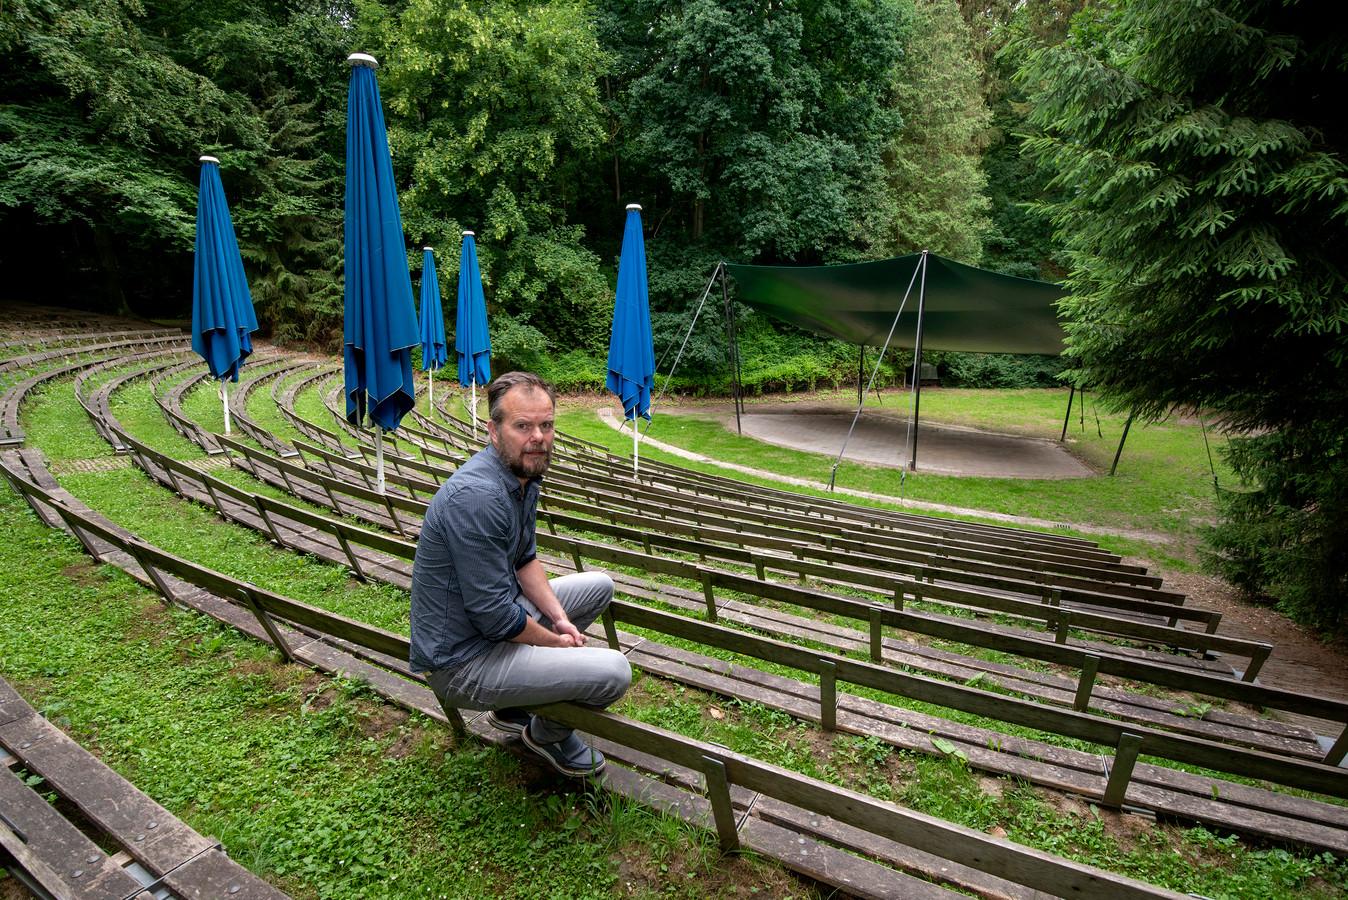 Beheerder Koen van der Mark in het openluchttheater in Velp.